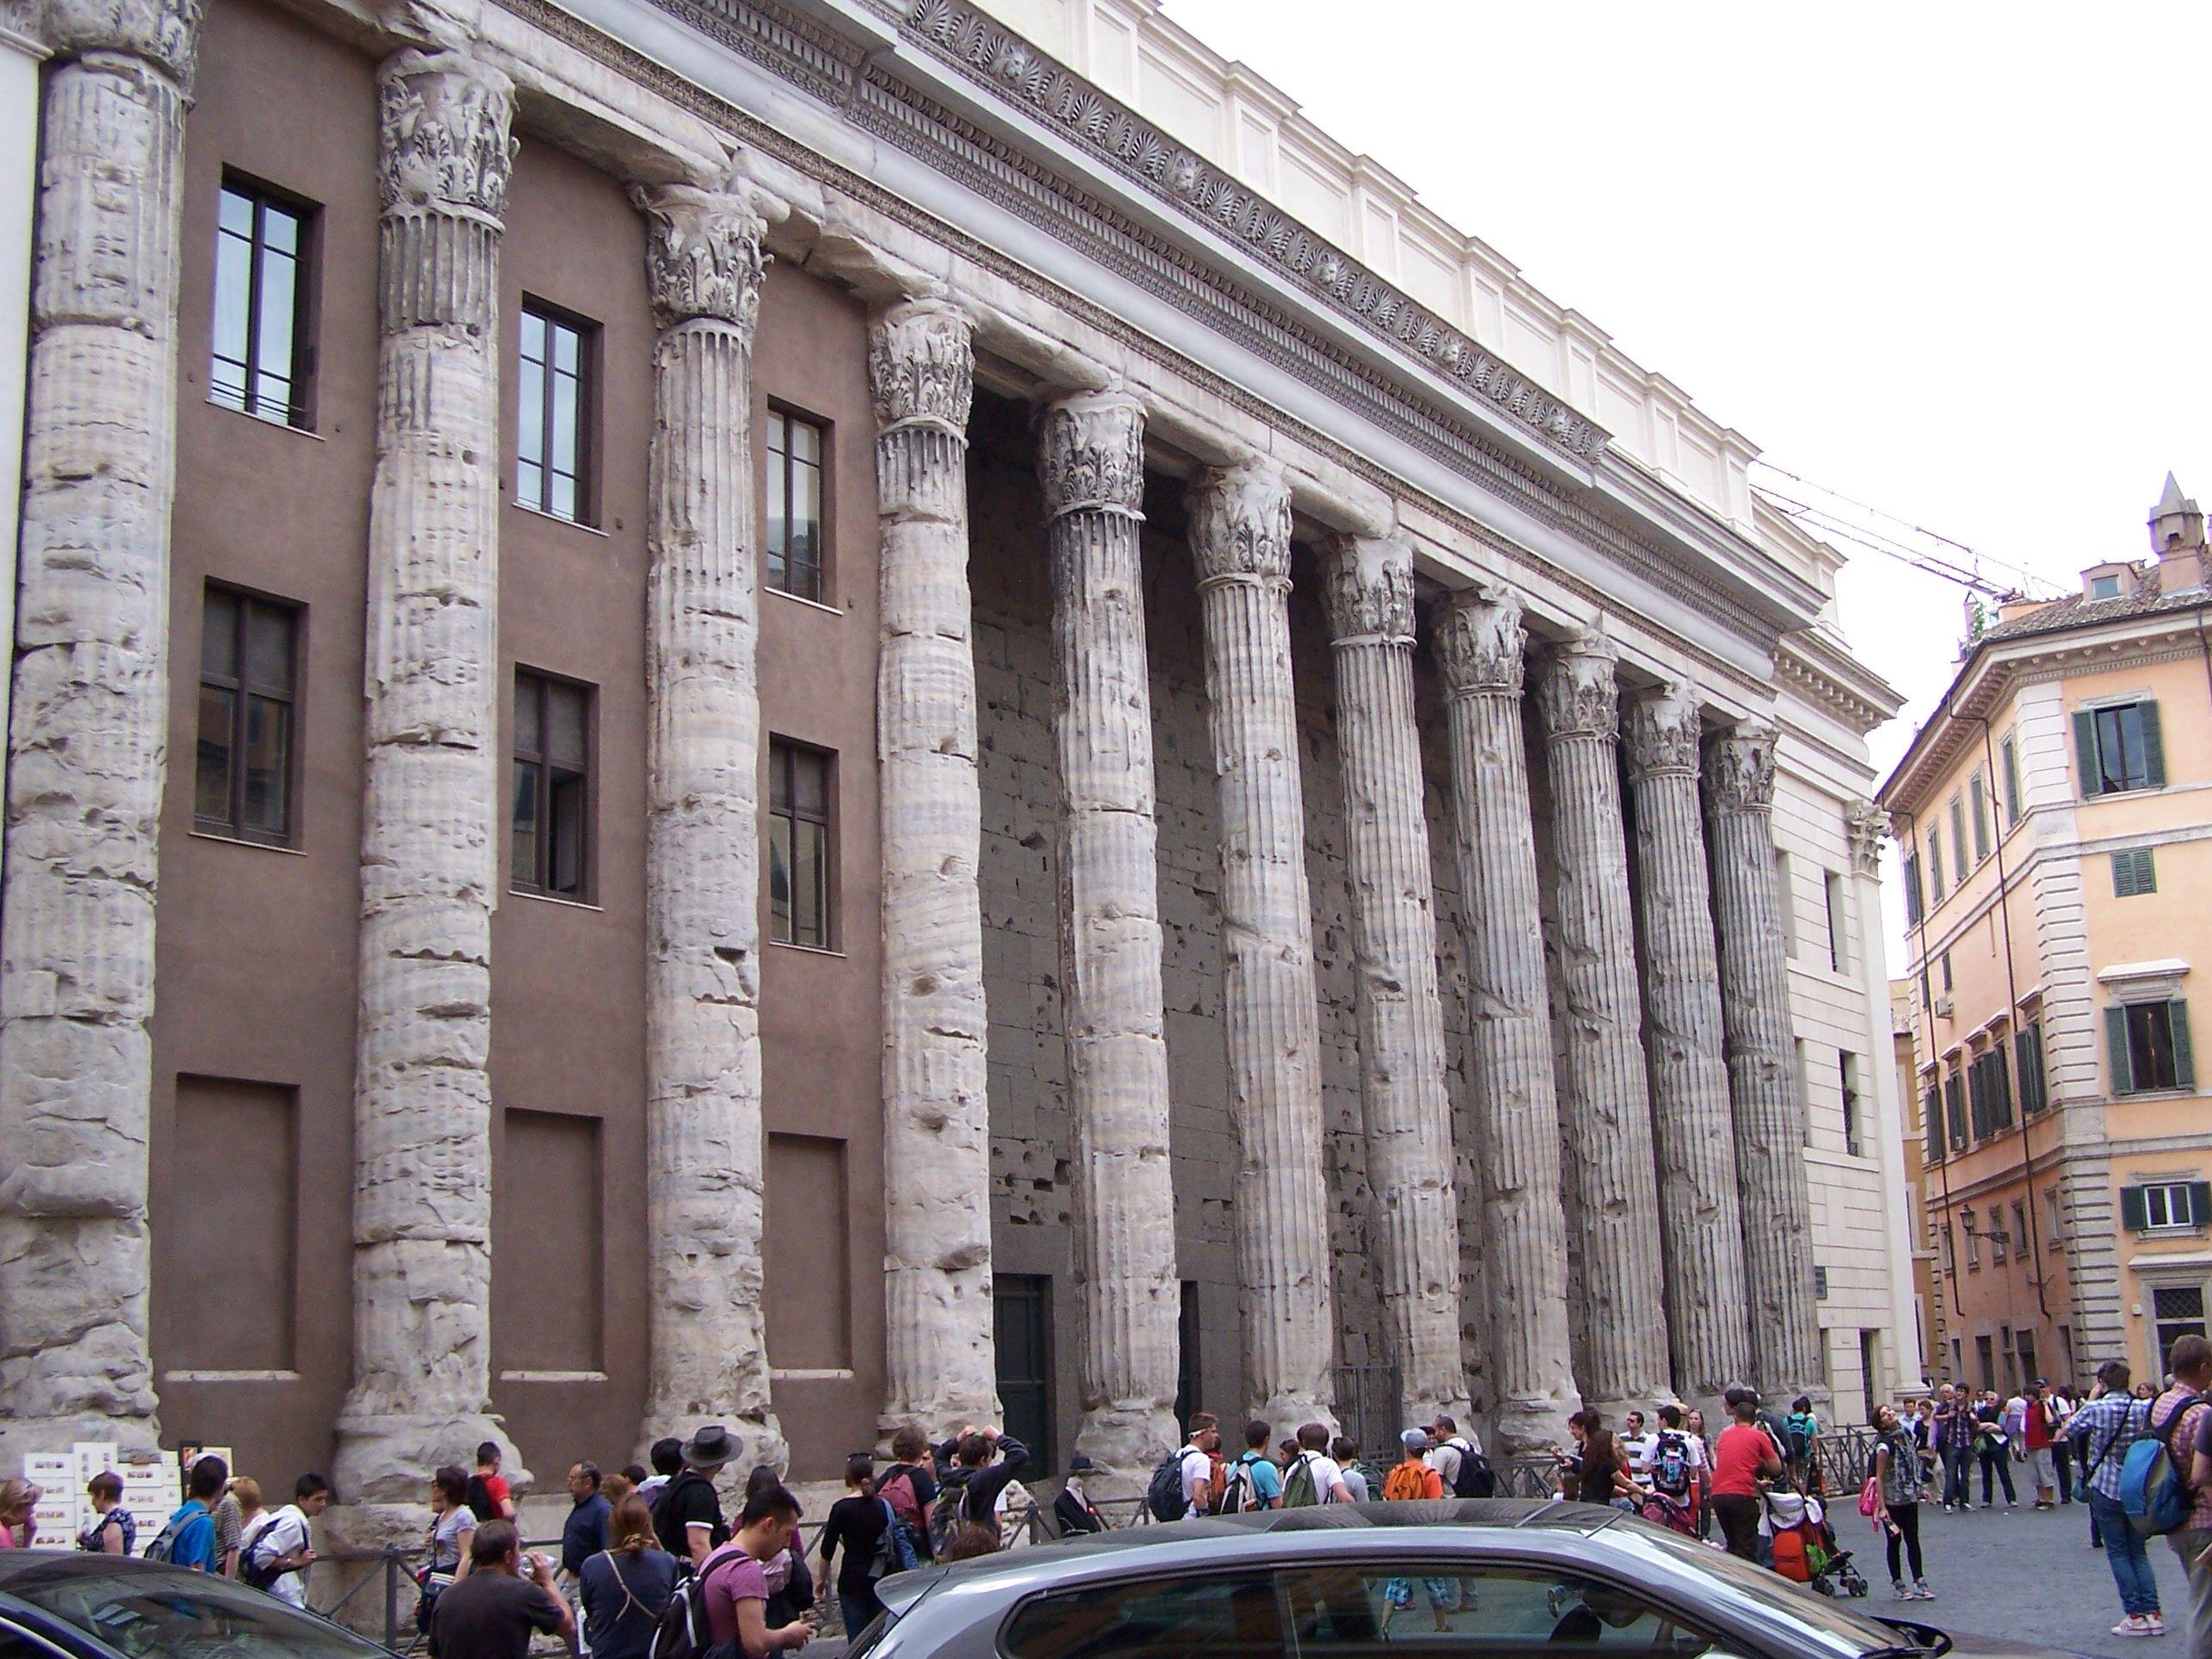 Adrian temple on Piazza di Pietra, Rome